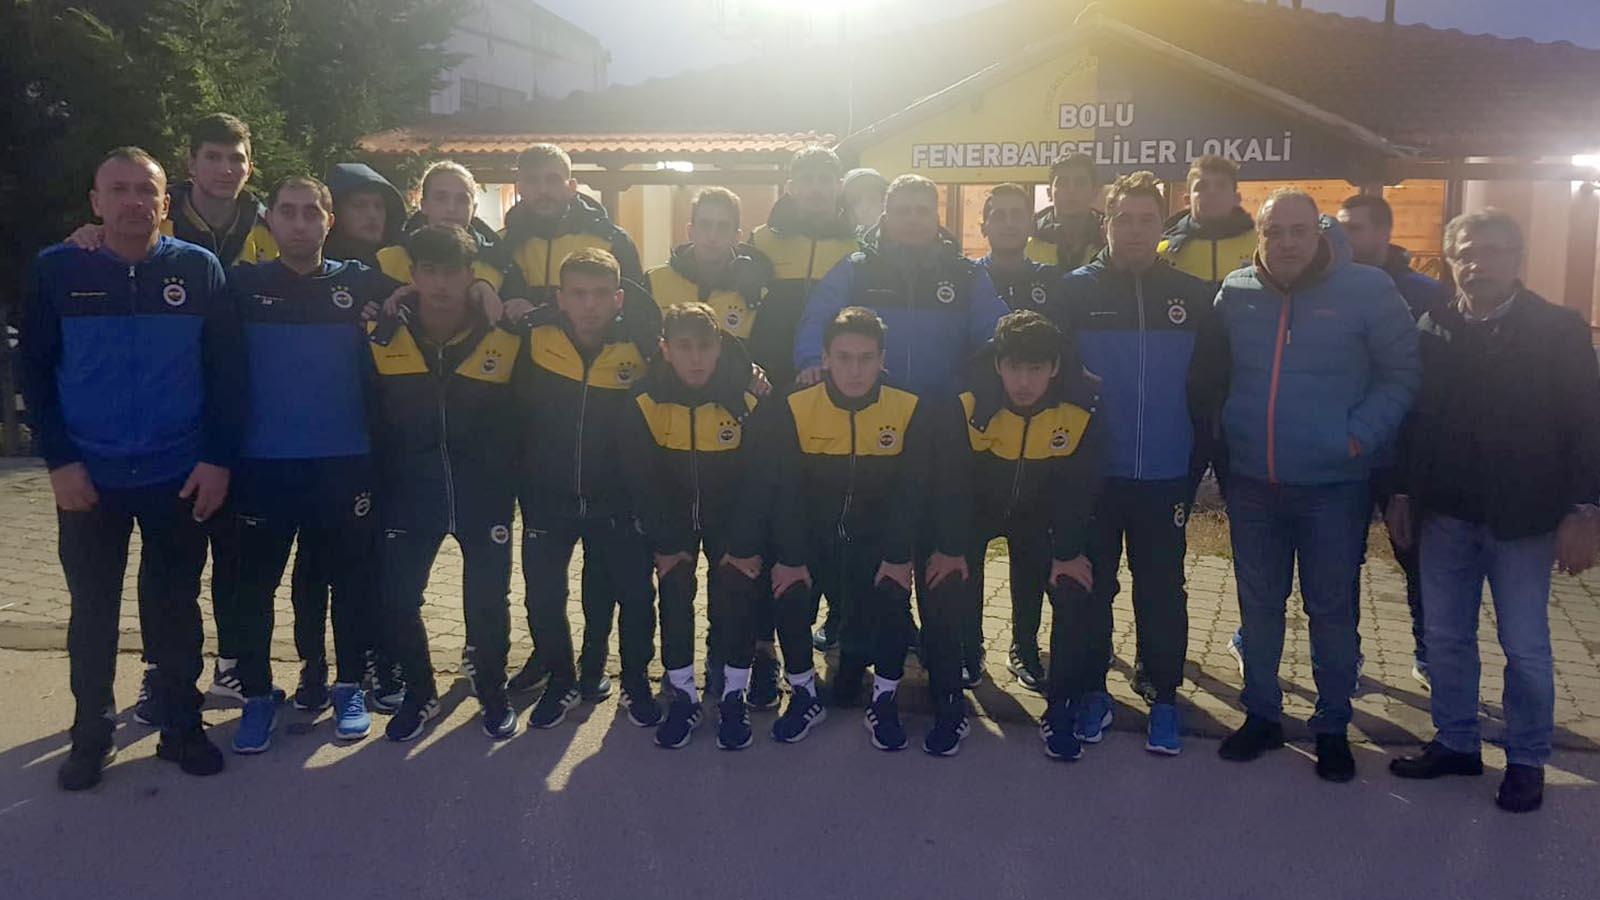 Bolu Derneğimiz U19 takımımızı misafir etti